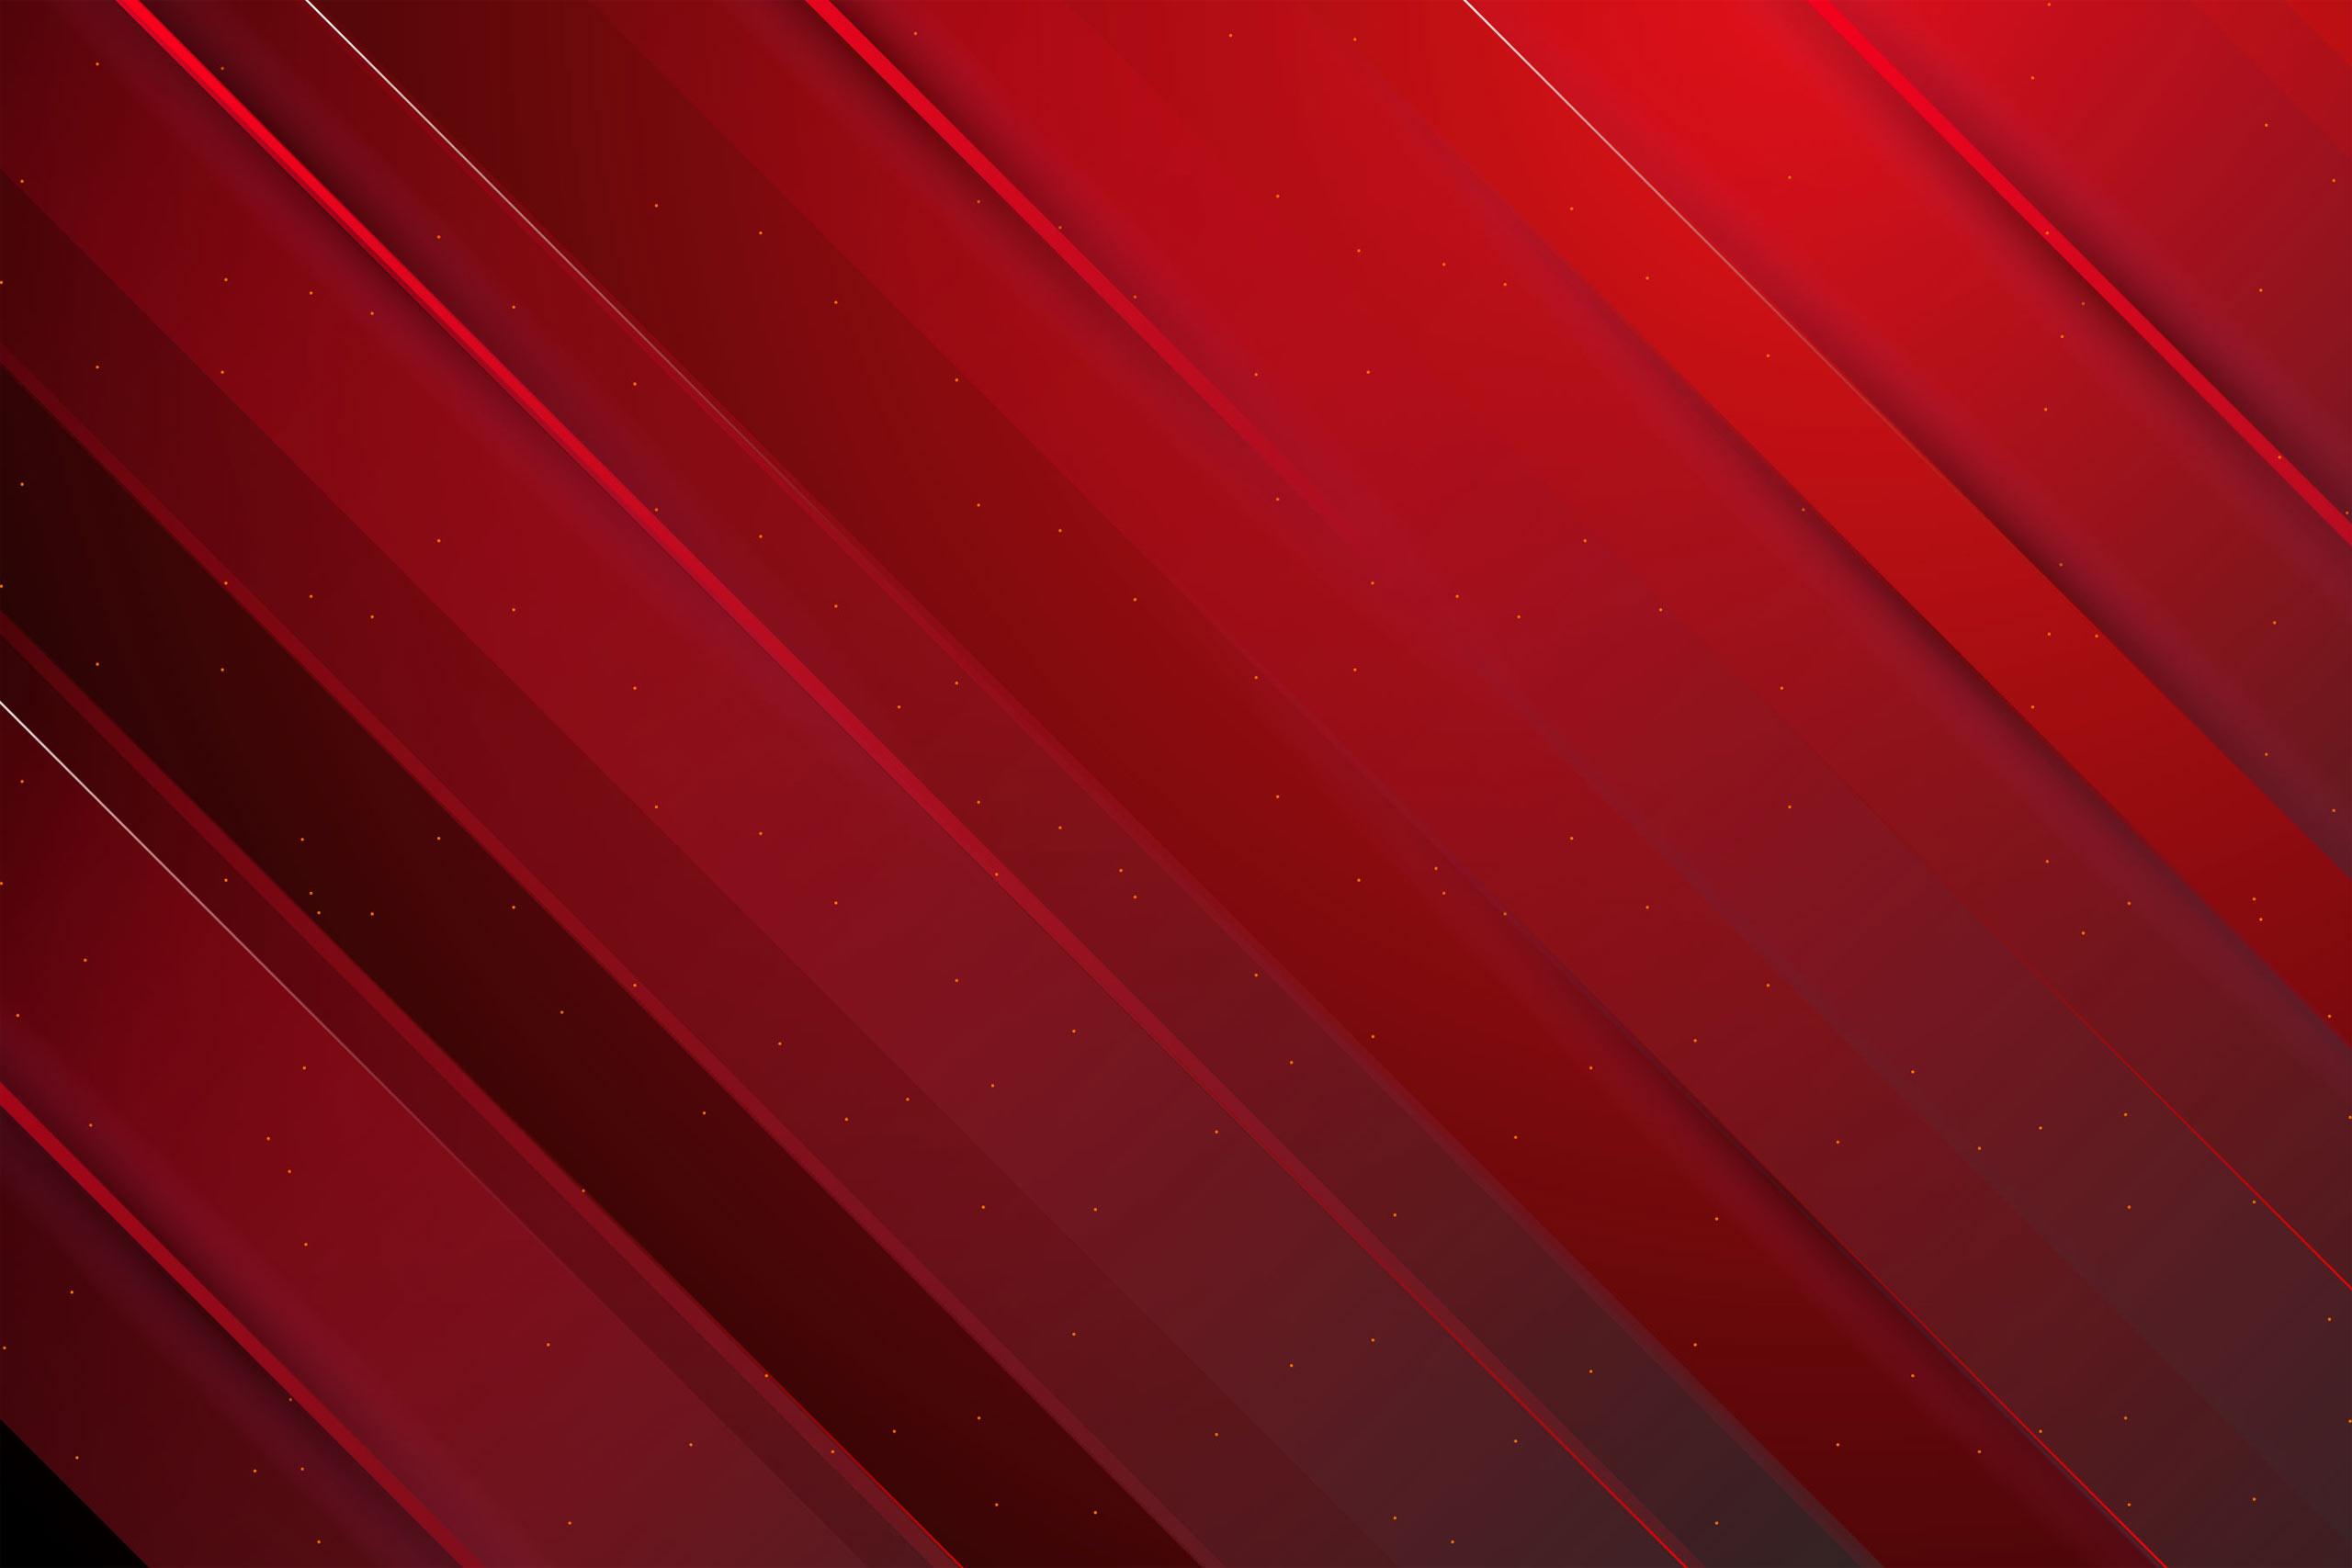 Темно-красный фон с абстрактными полосами.